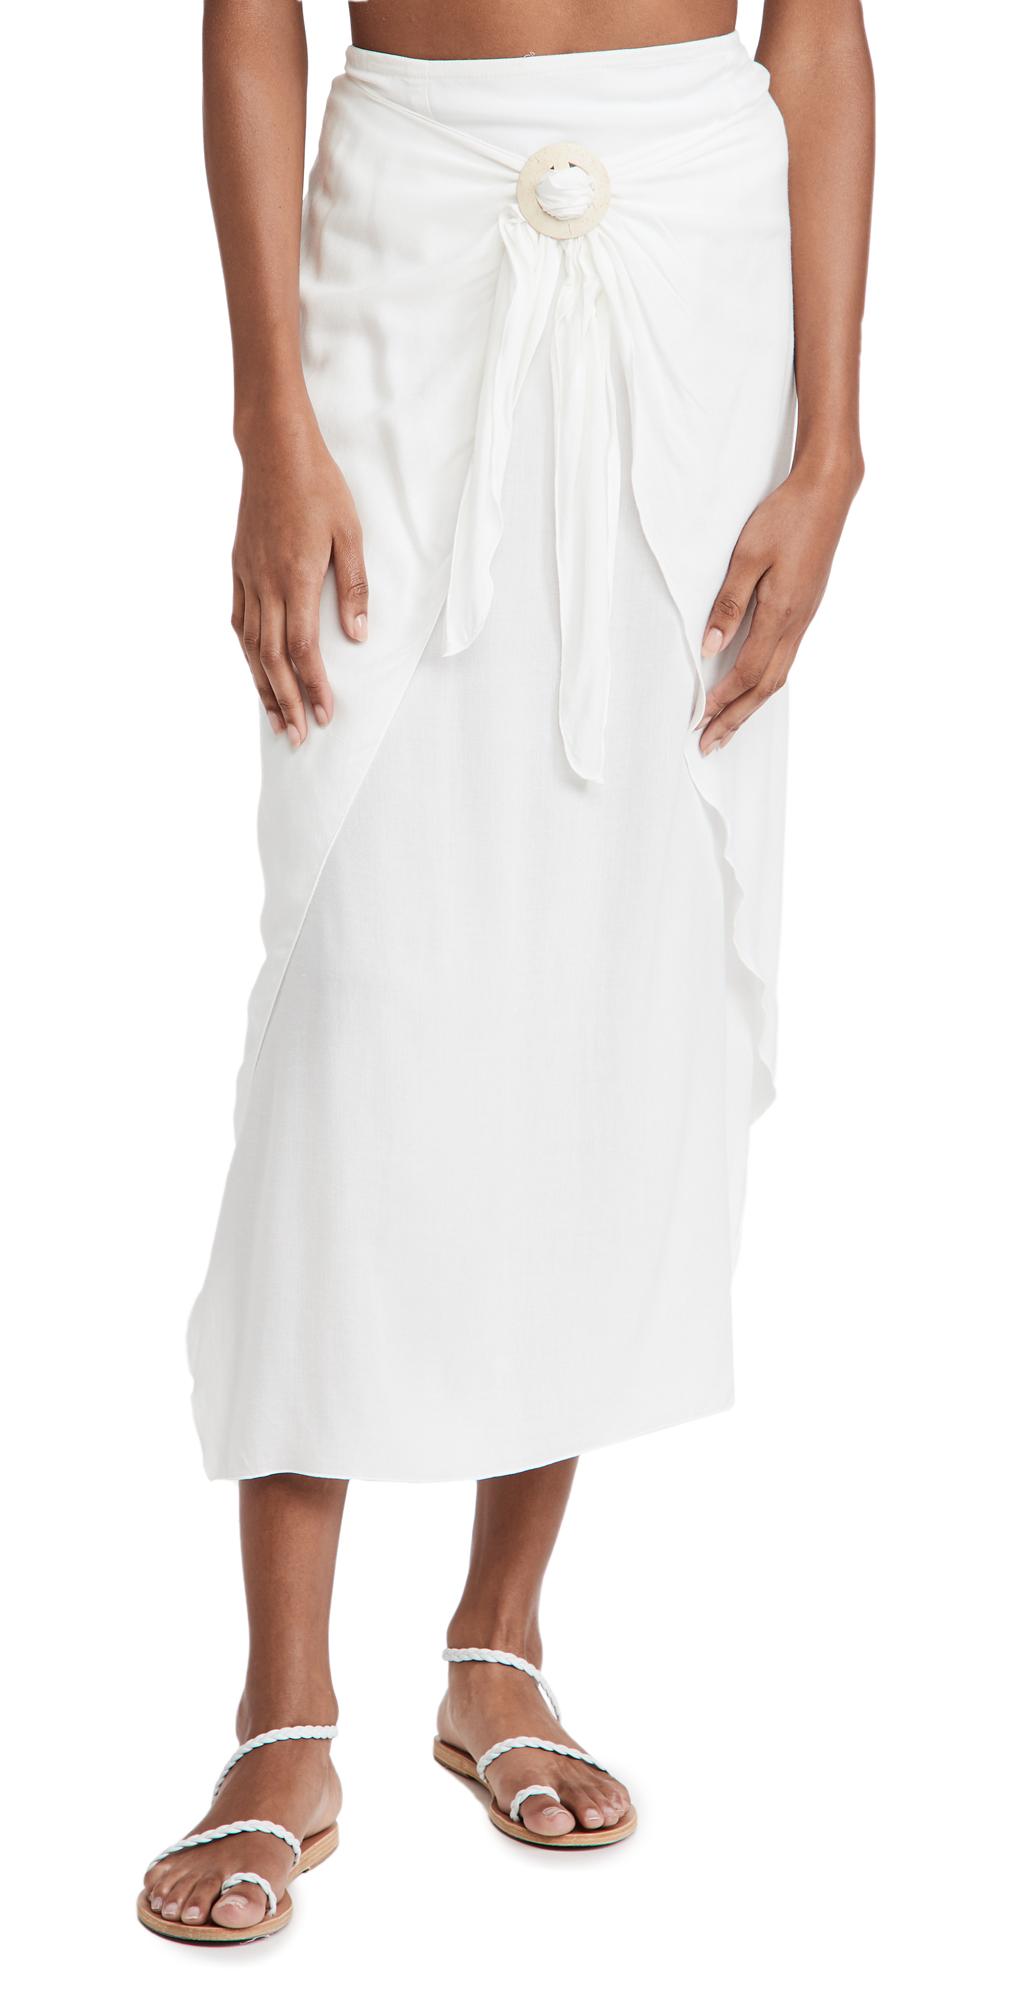 Nuella Skirt